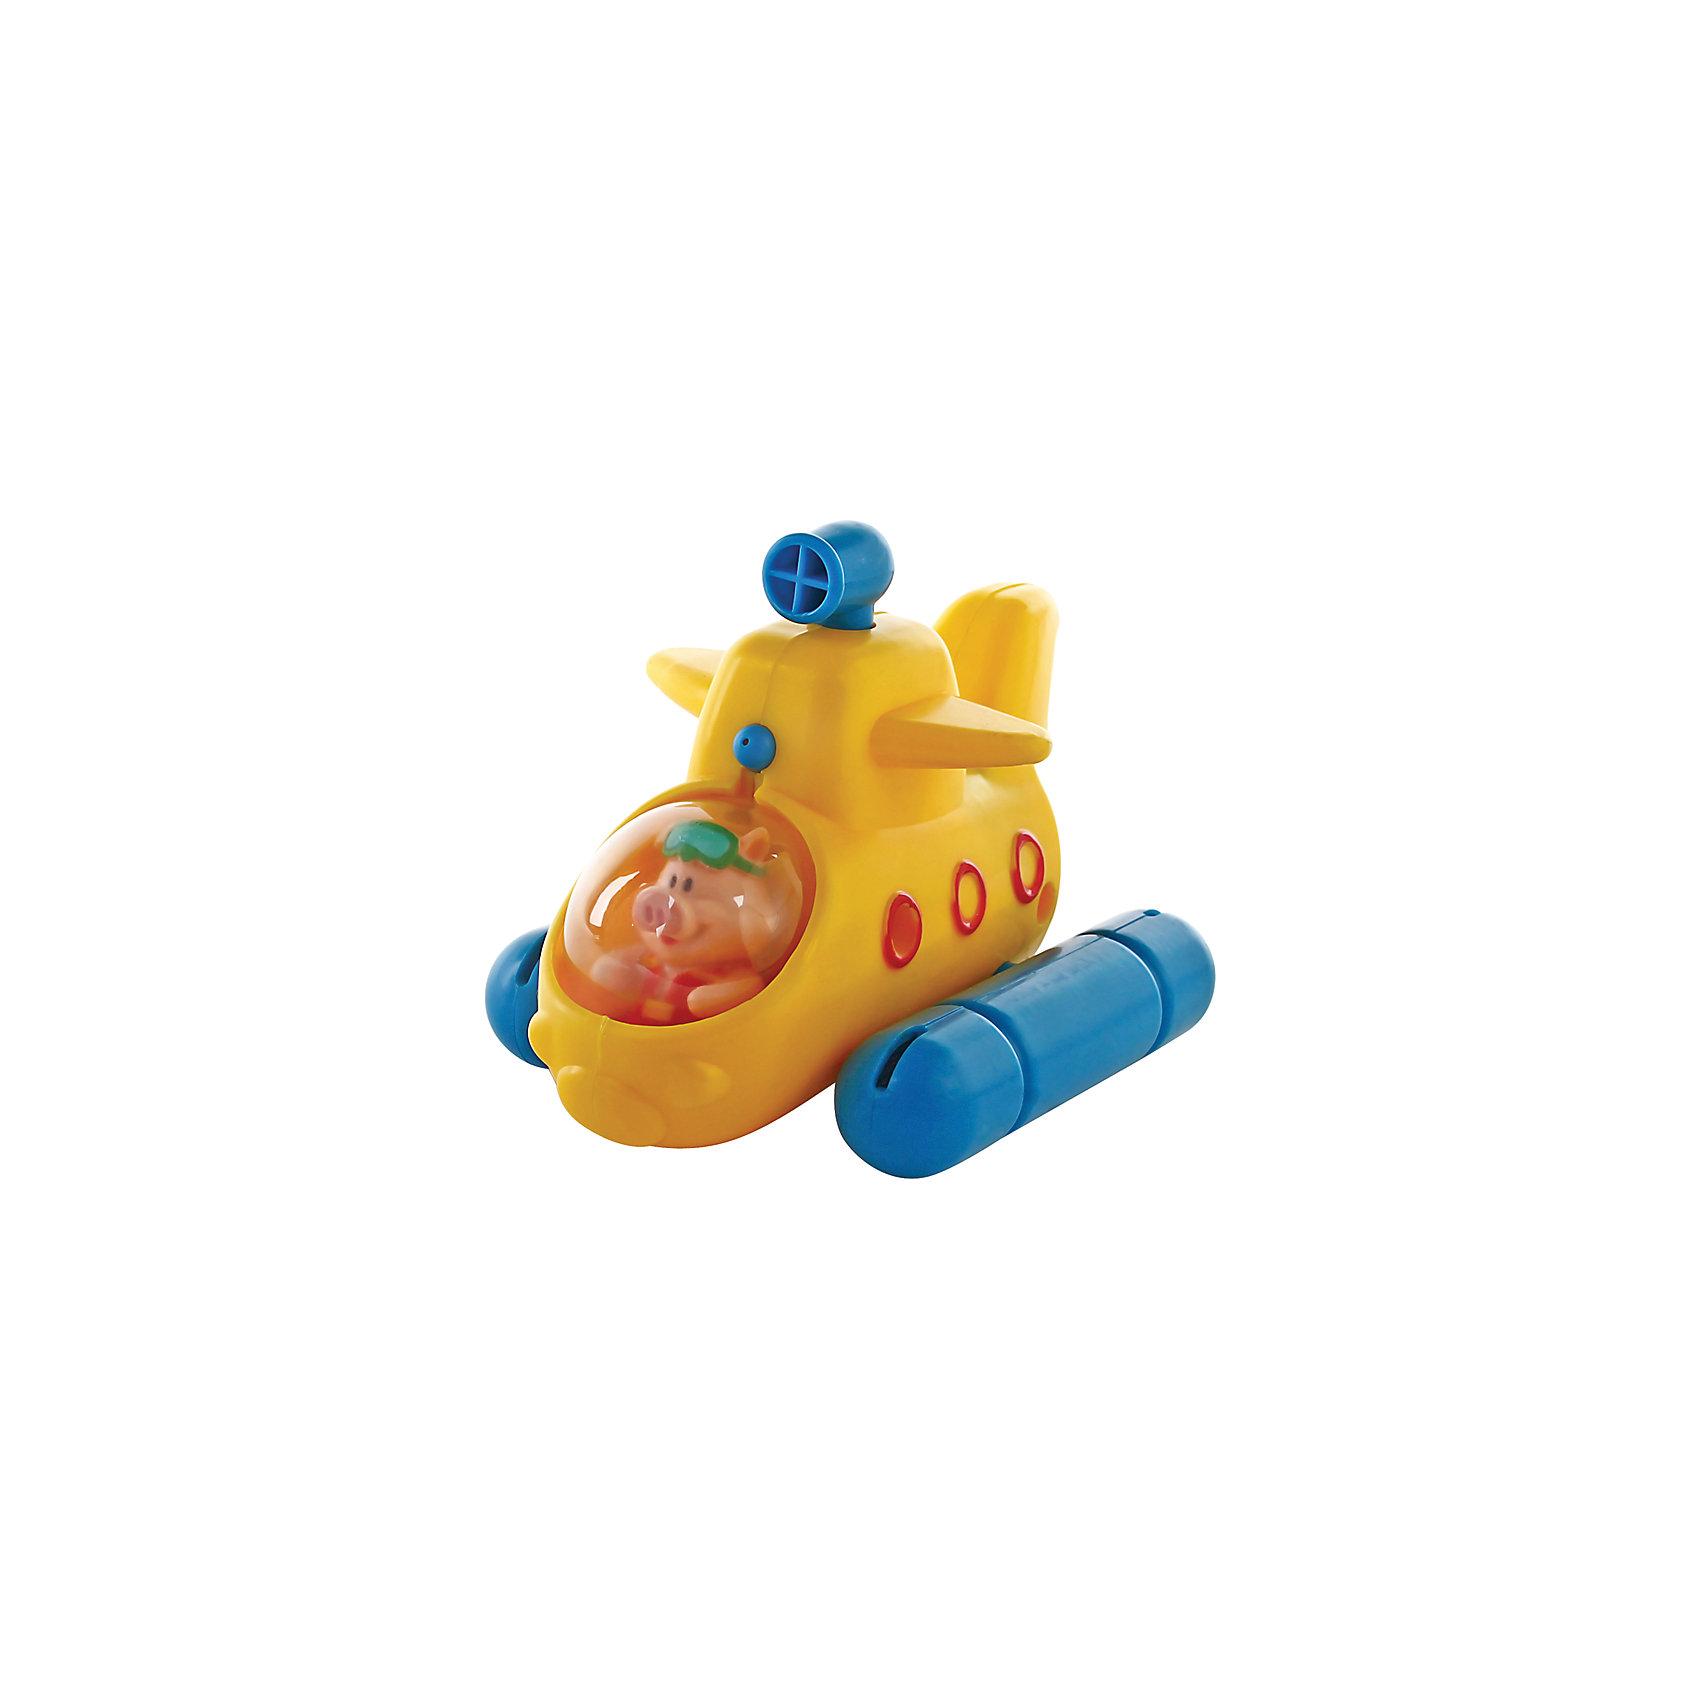 Заводная игрушка для ванной Лодка, ЖирафикиКупание в ванной любят далеко не все малыши. И это оправдано. Многие из них боятся воды, которая попадает в глазки и ушки, а многие не любят, потому что им просто скучно купаться. Исправить последнее поможет игрушка для ванной, которая займет малыша во время купания. Игрушка изготовлена из пластика, поэтому не утонет даже при активной игре! Материалы, использованные при изготовлении товара, абсолютно безопасны и отвечают всем международным требованиям по качеству.<br><br>Дополнительные характеристики:<br><br>материал: пластик;<br>цвет: разноцветный.<br><br>Игрушку для ванной Лодка от компании Жирафики можно приобрести в нашем магазине.<br><br>Ширина мм: 527<br>Глубина мм: 368<br>Высота мм: 228<br>Вес г: 171<br>Возраст от месяцев: 12<br>Возраст до месяцев: 60<br>Пол: Унисекс<br>Возраст: Детский<br>SKU: 5032534